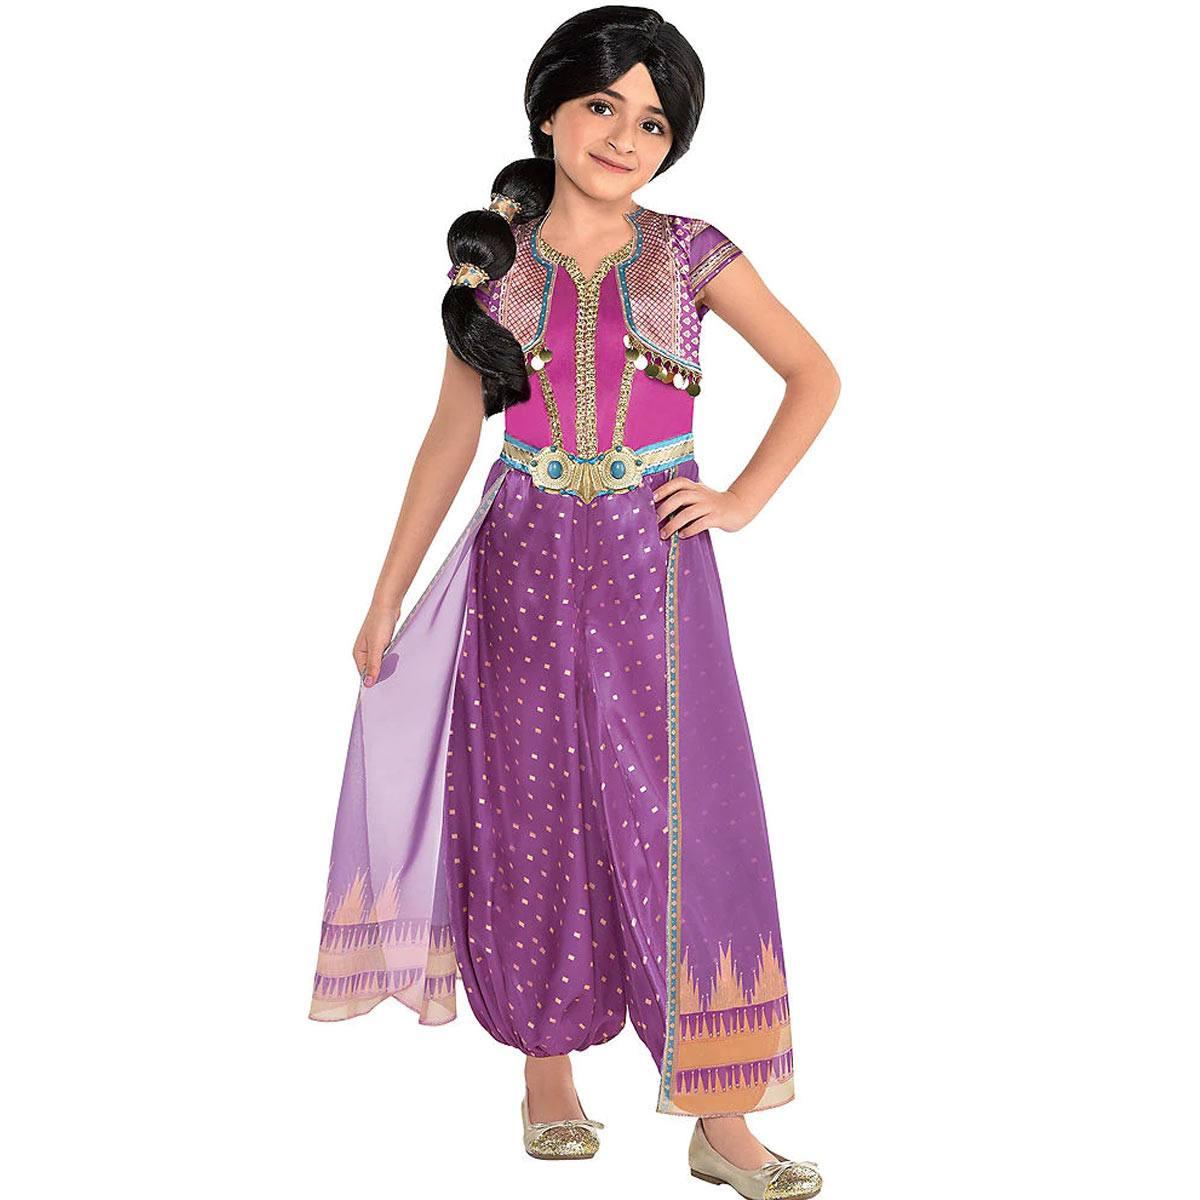 アラジン ジャスミン 衣装 コスチューム パープル コスプレ ハロウィン ディズニー 仮装 Aladdin